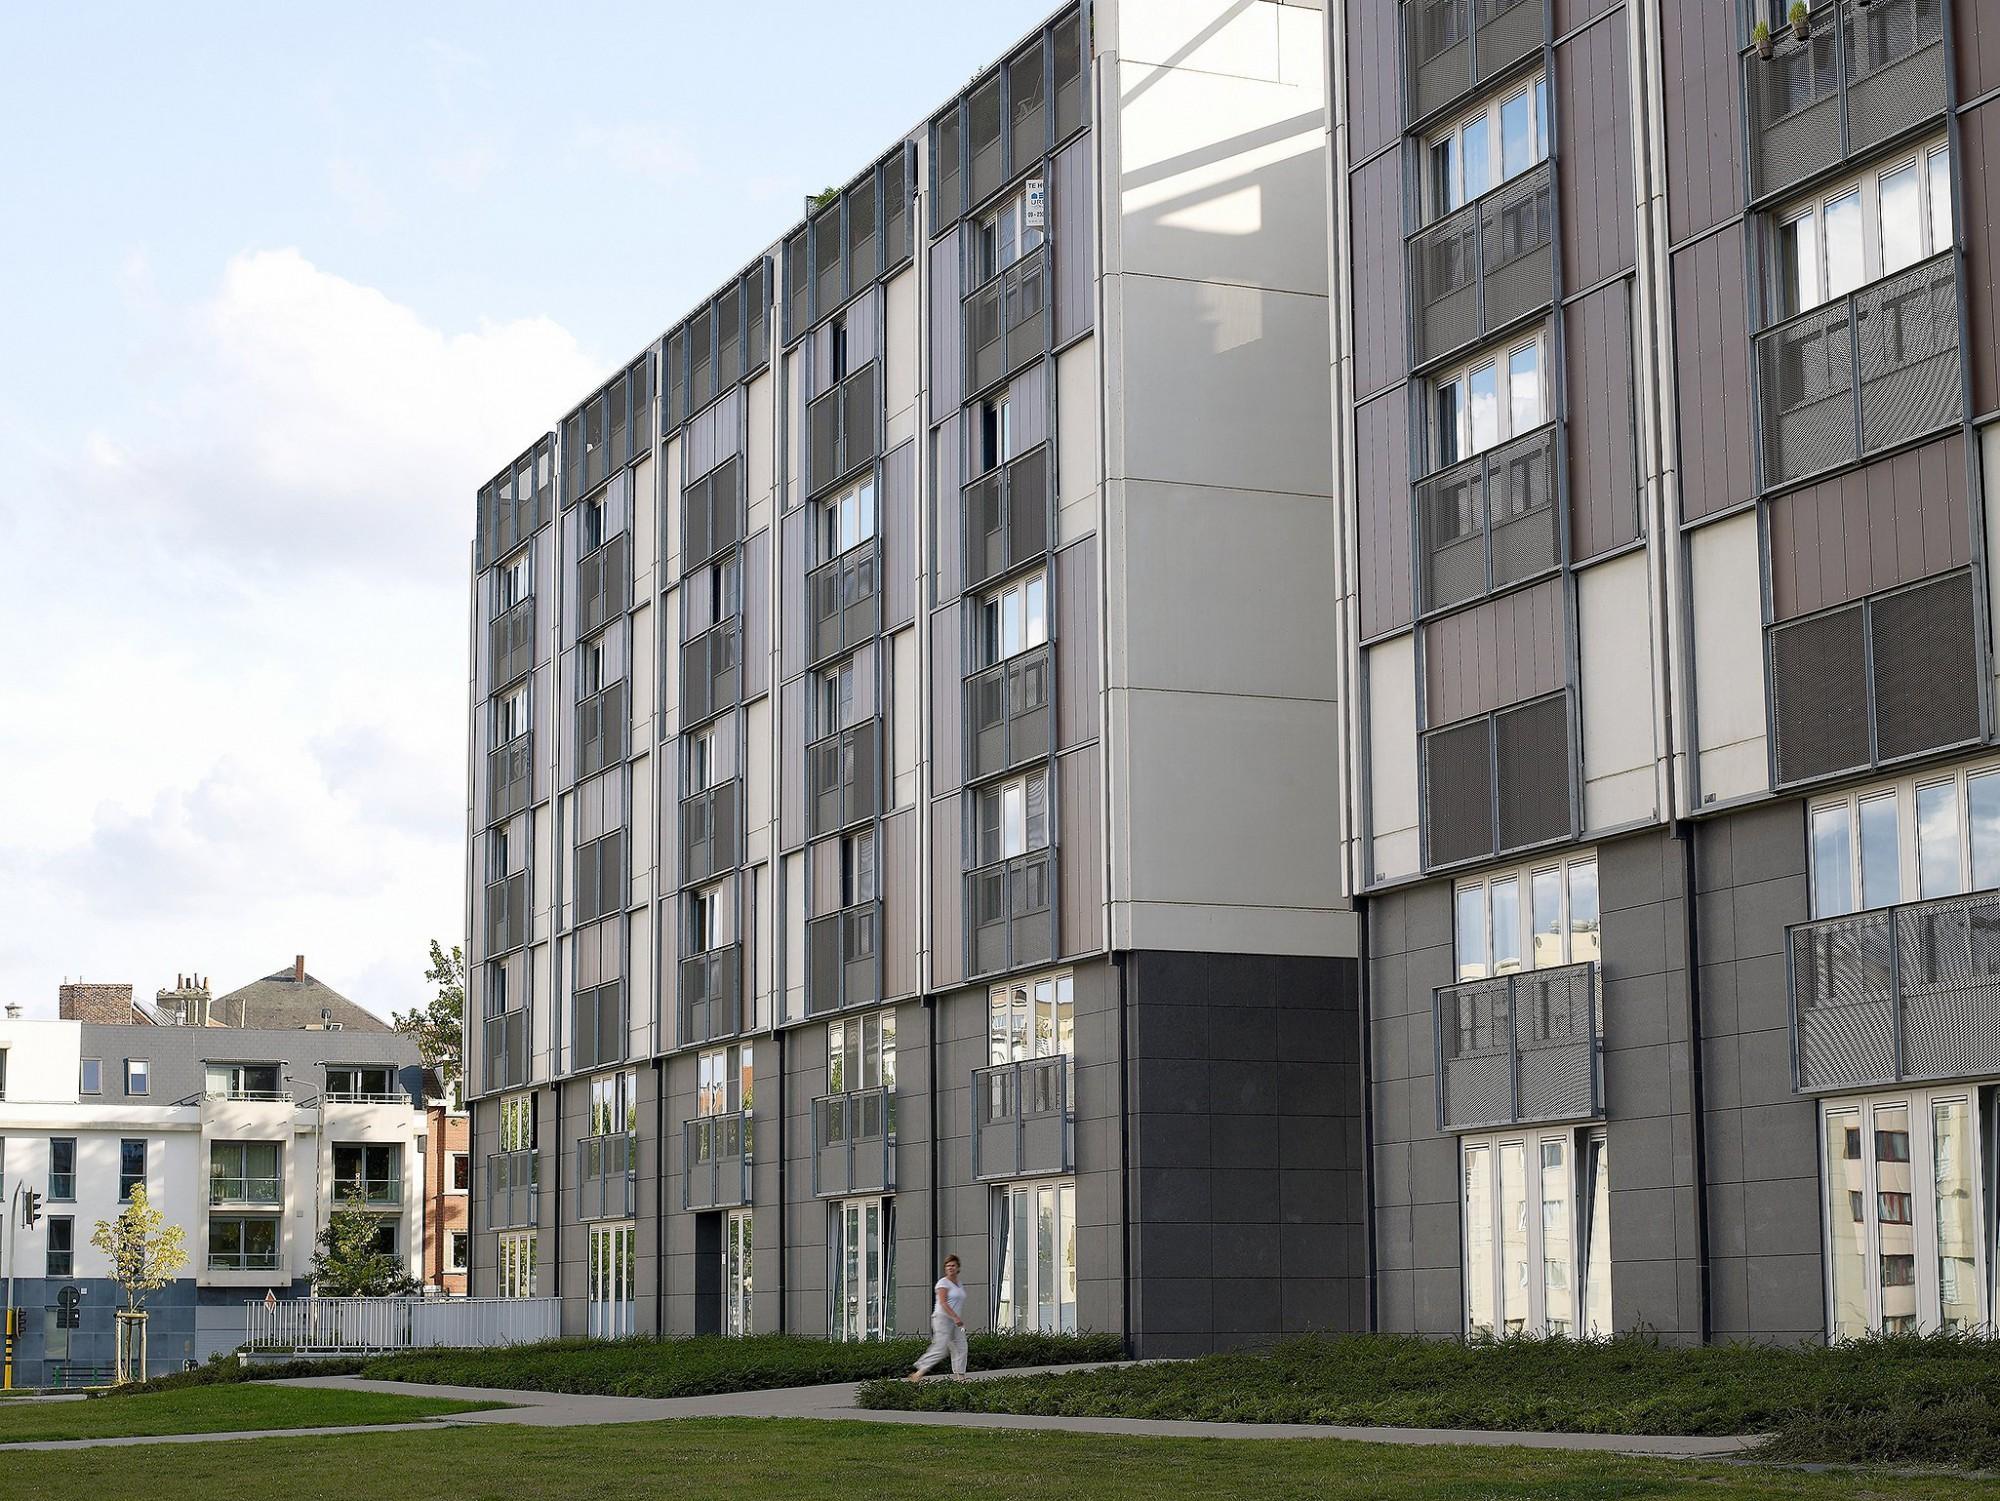 Afbeelding: Architectuur fotografie sociale appartementen, Gent Groen Vallei renovatie, voor KA construct.